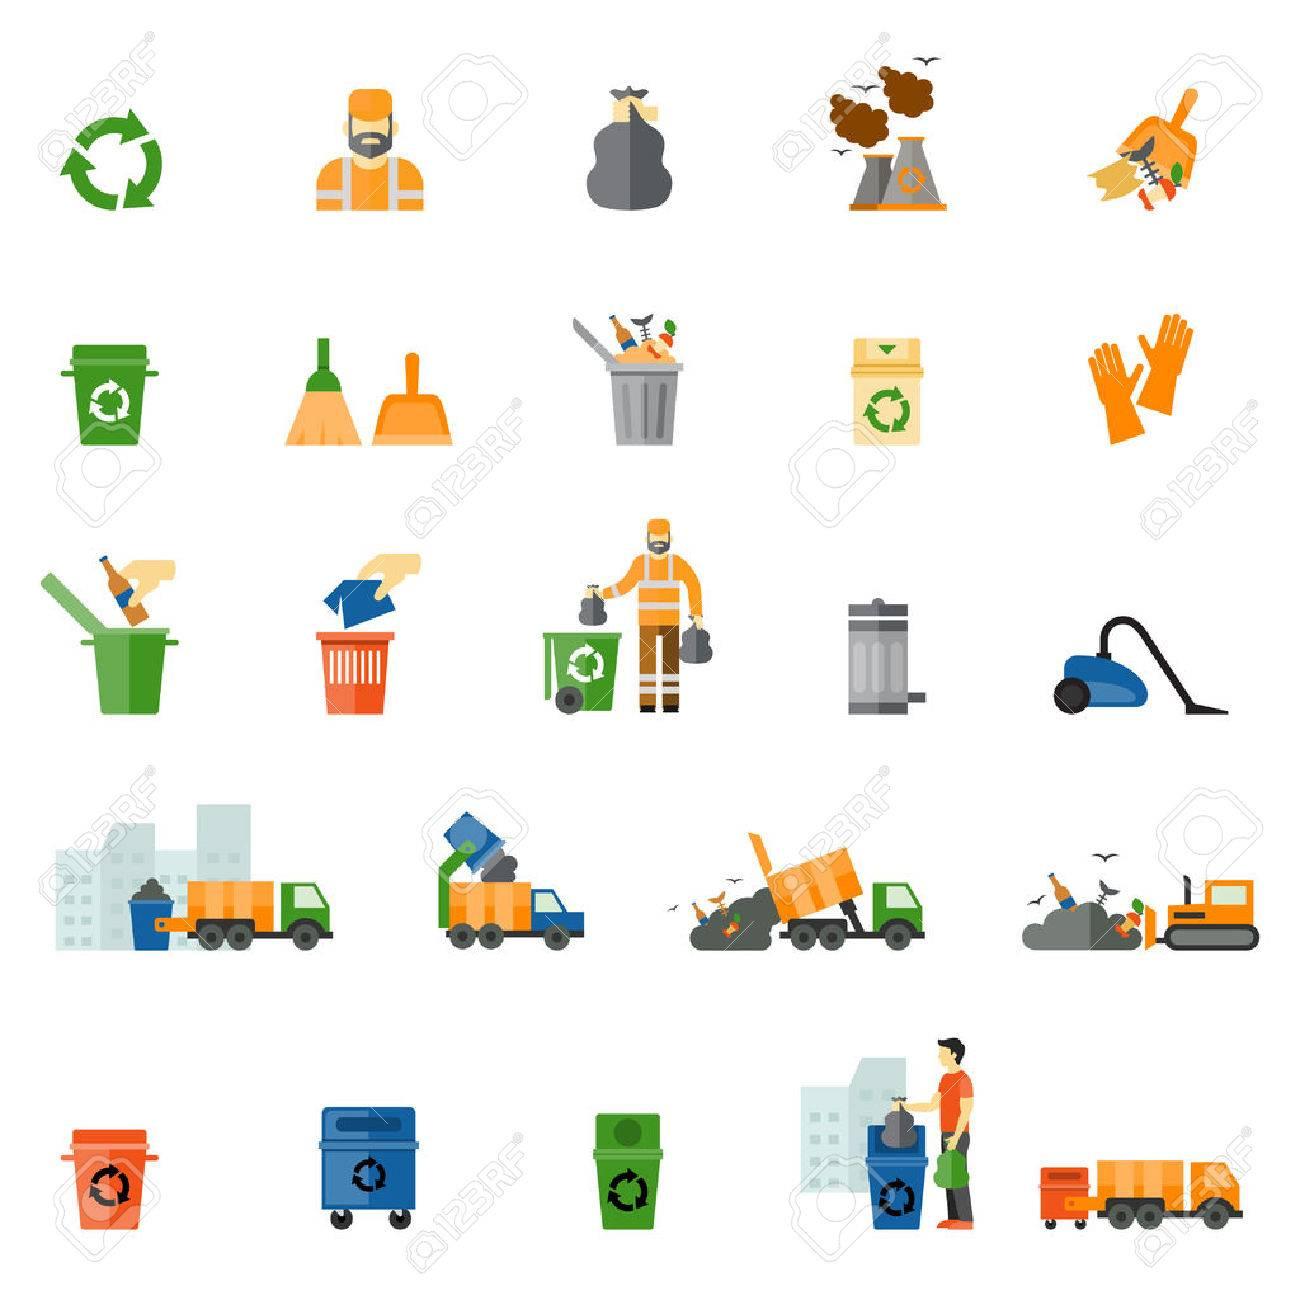 Garbage and trash flat icons set - 41251377